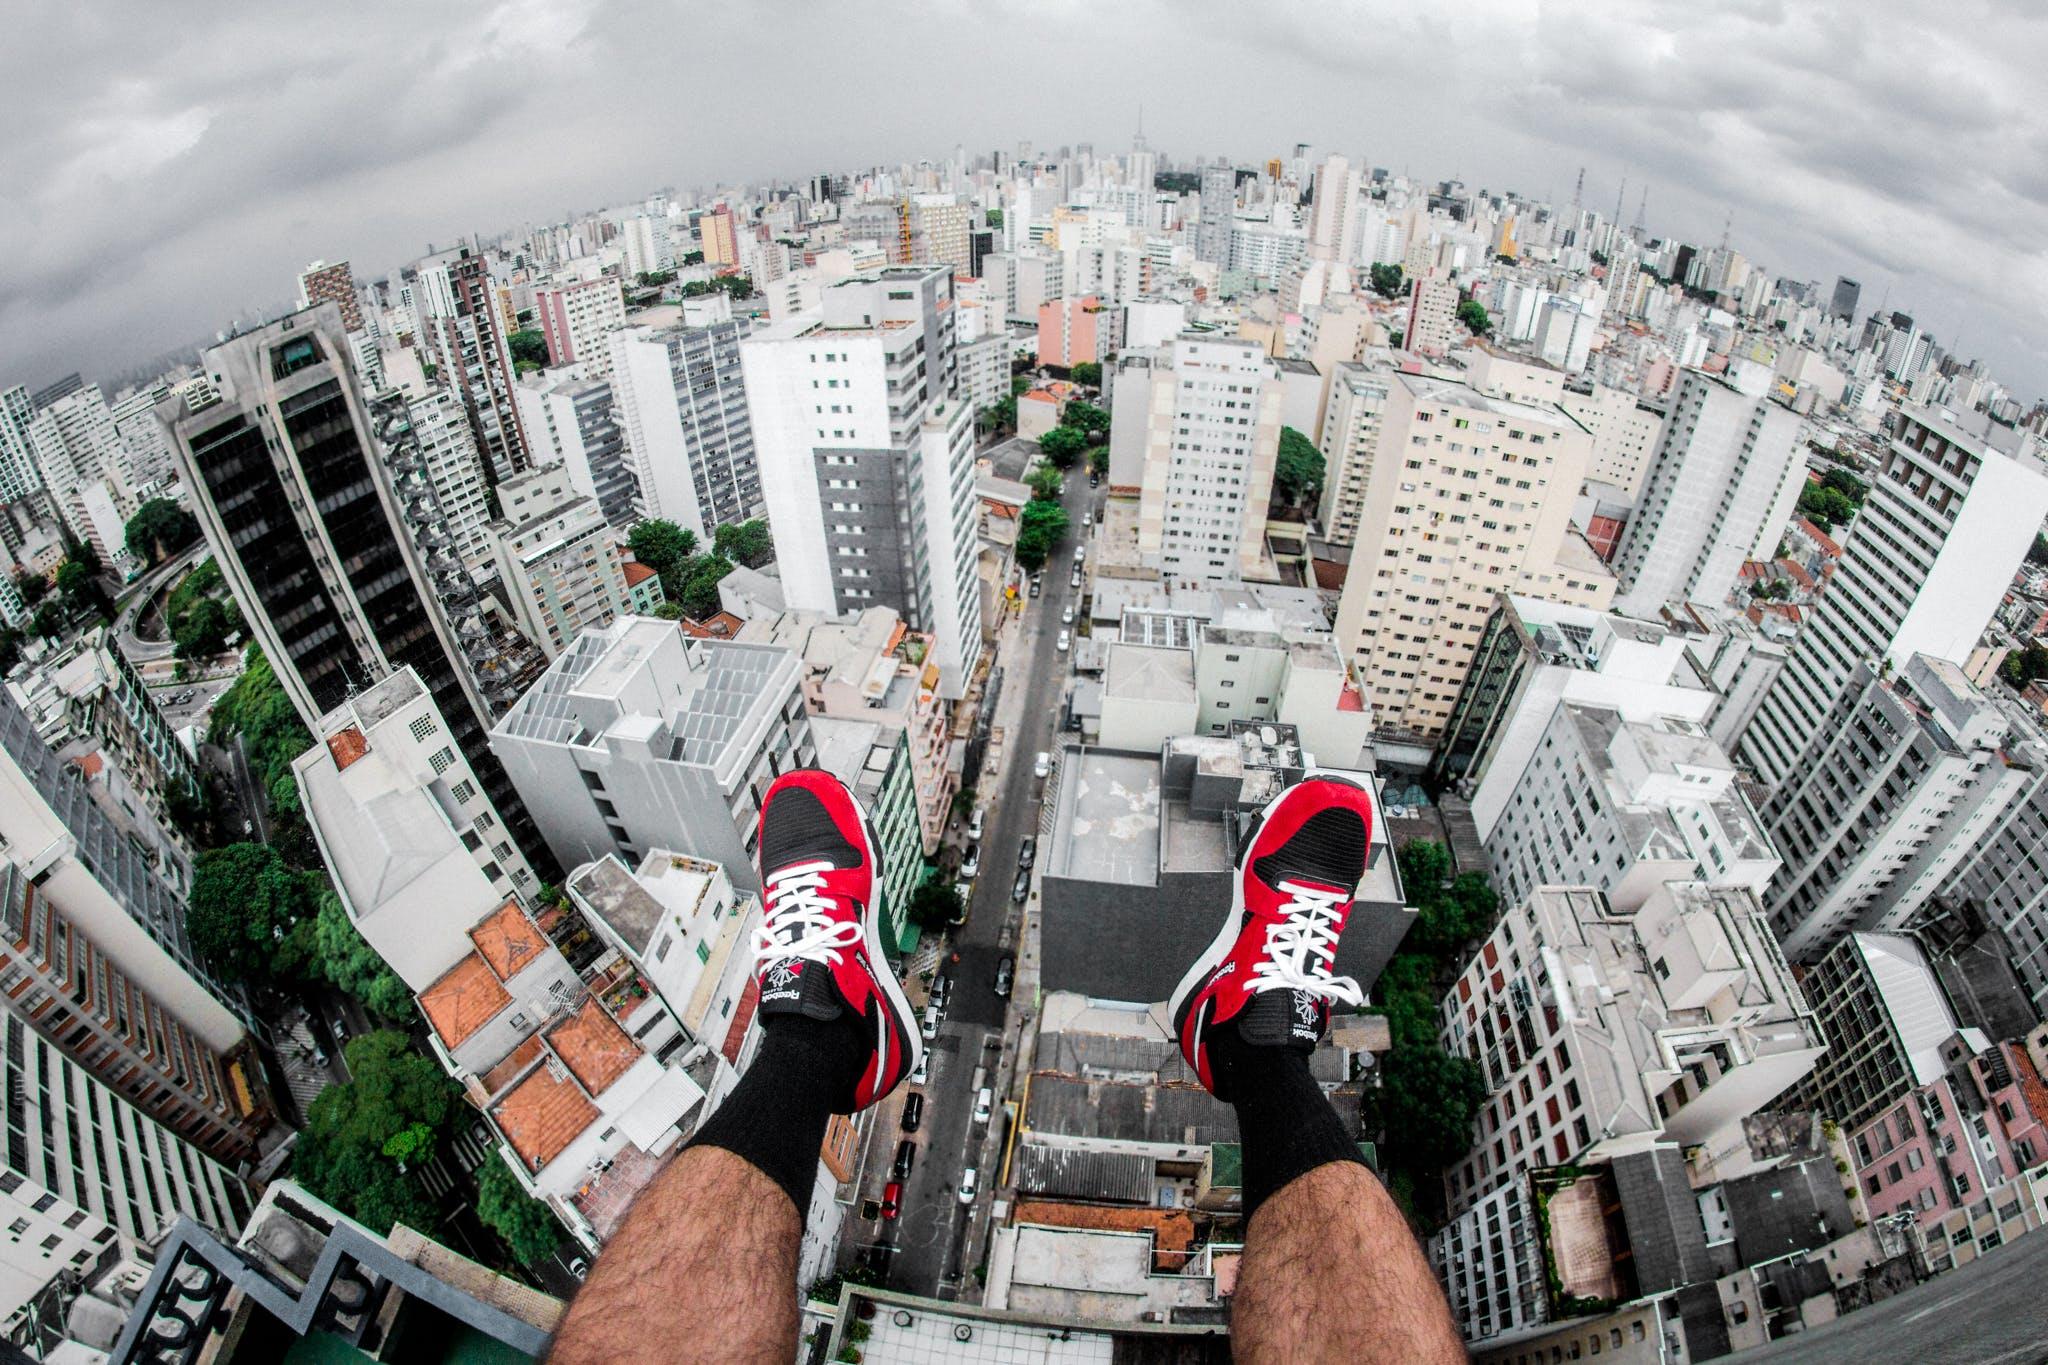 buildings, city, cityscape